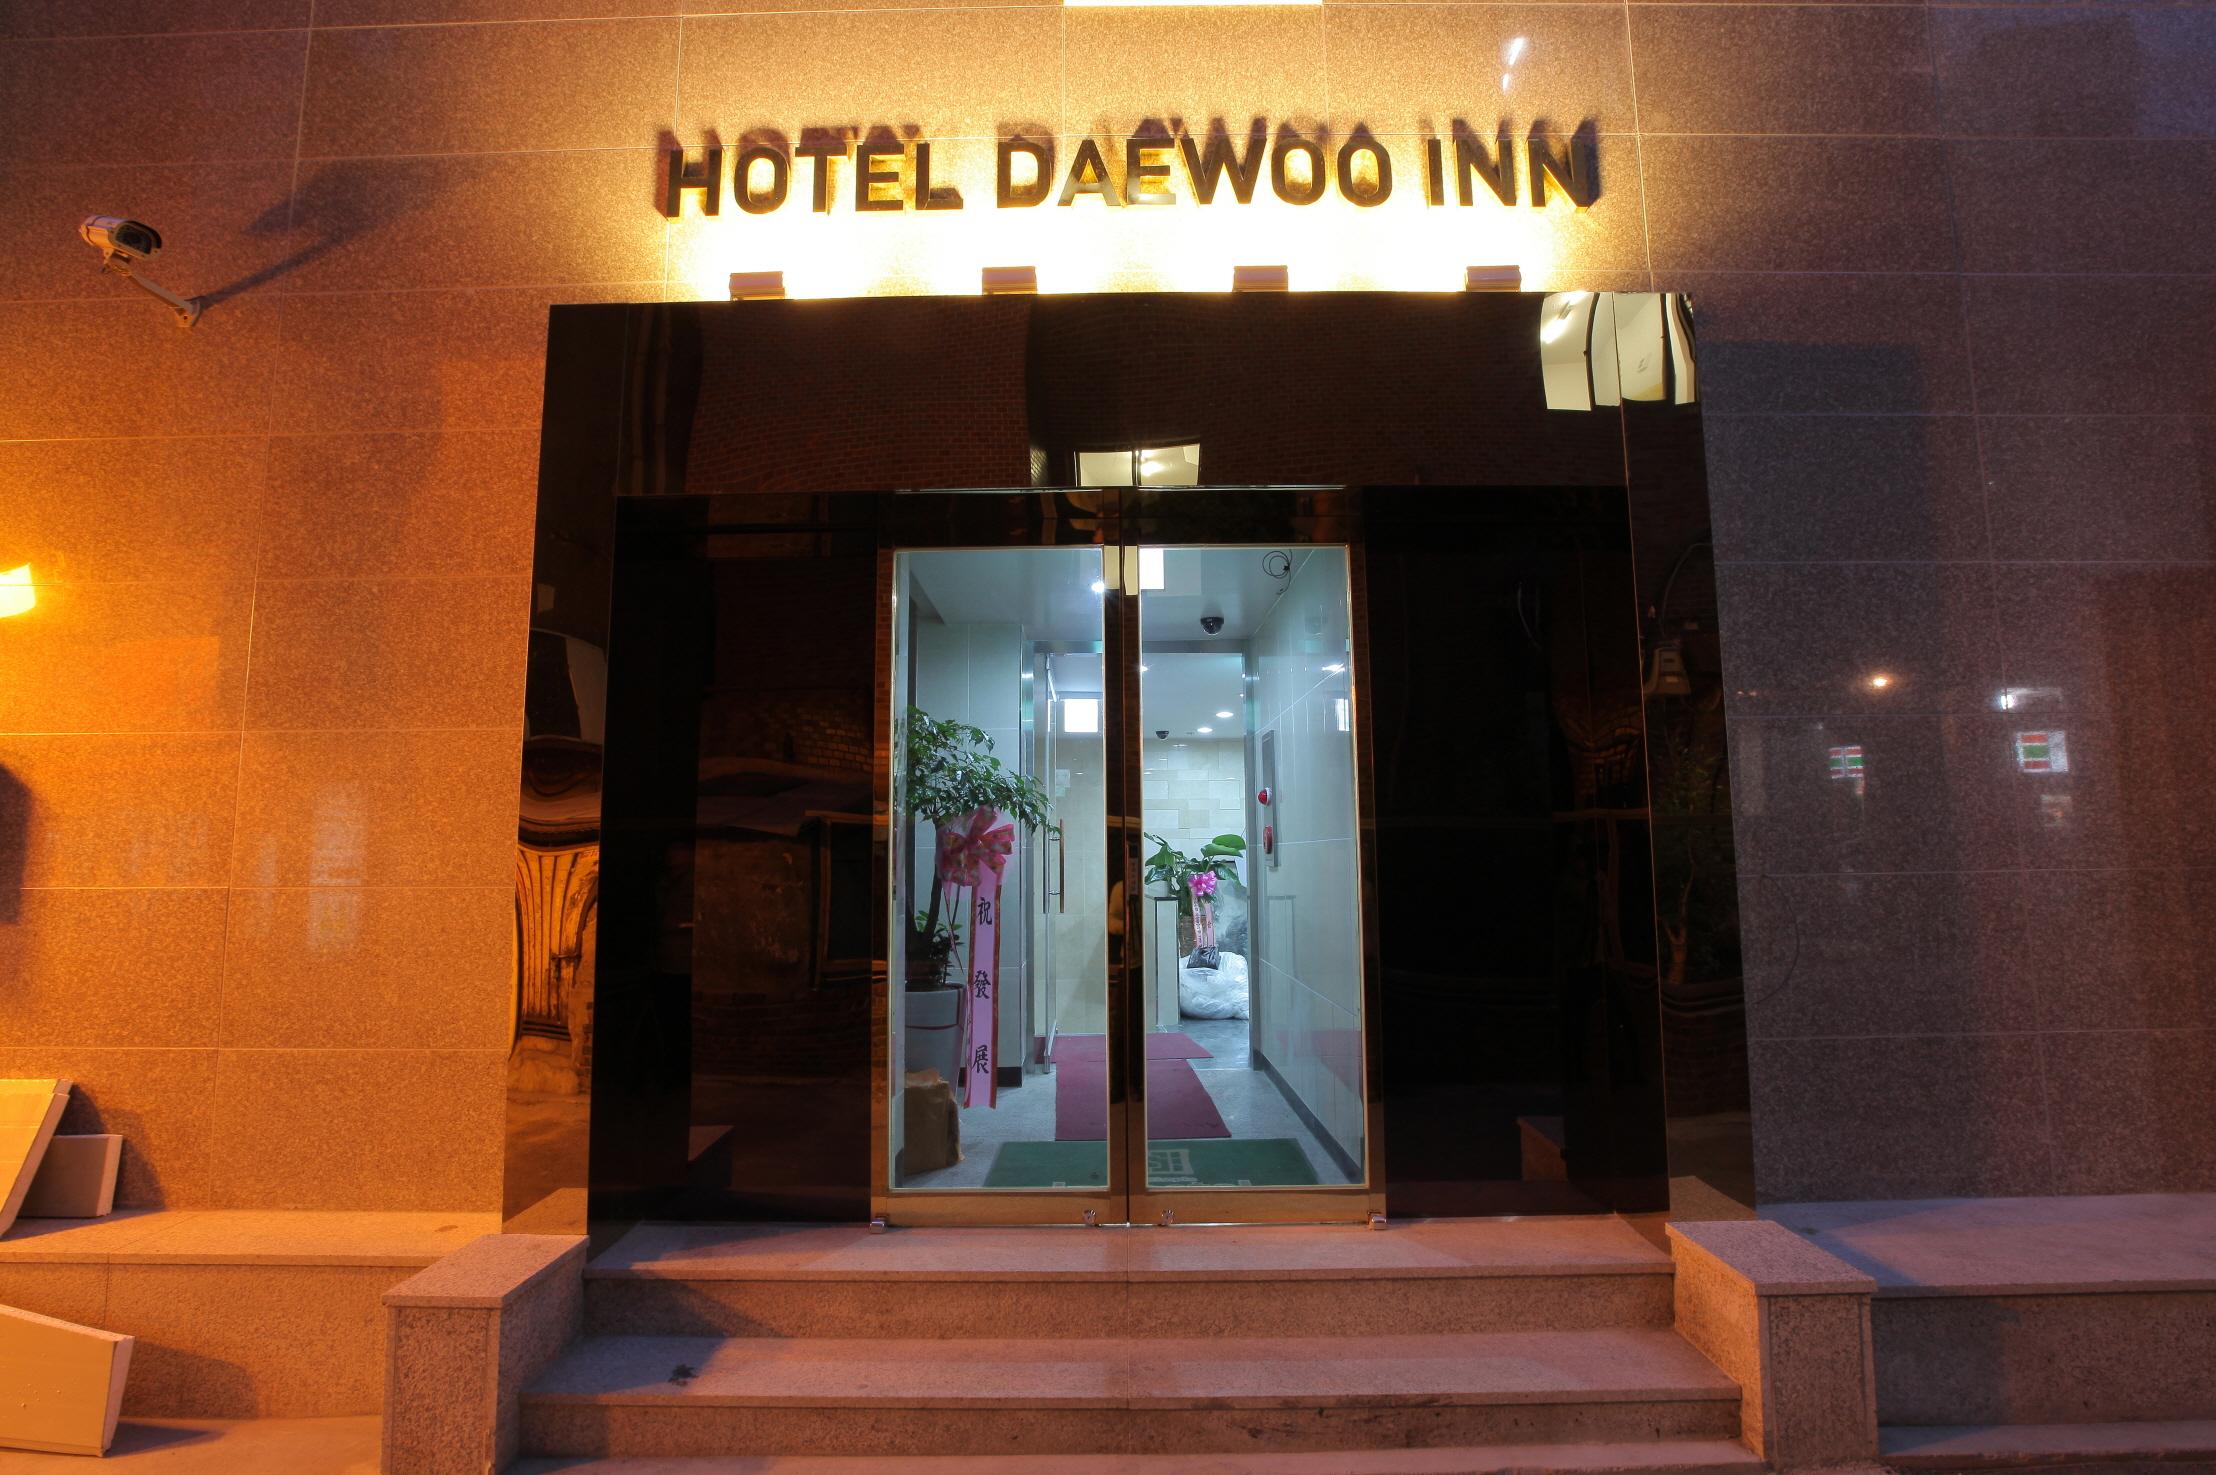 大宇賓館(Hotel Daewoo Inn)[韓國觀光品質認證/Korea Quality]대우모텔(호텔 대우 인) [한국관광 품질인증/Korea Quality]